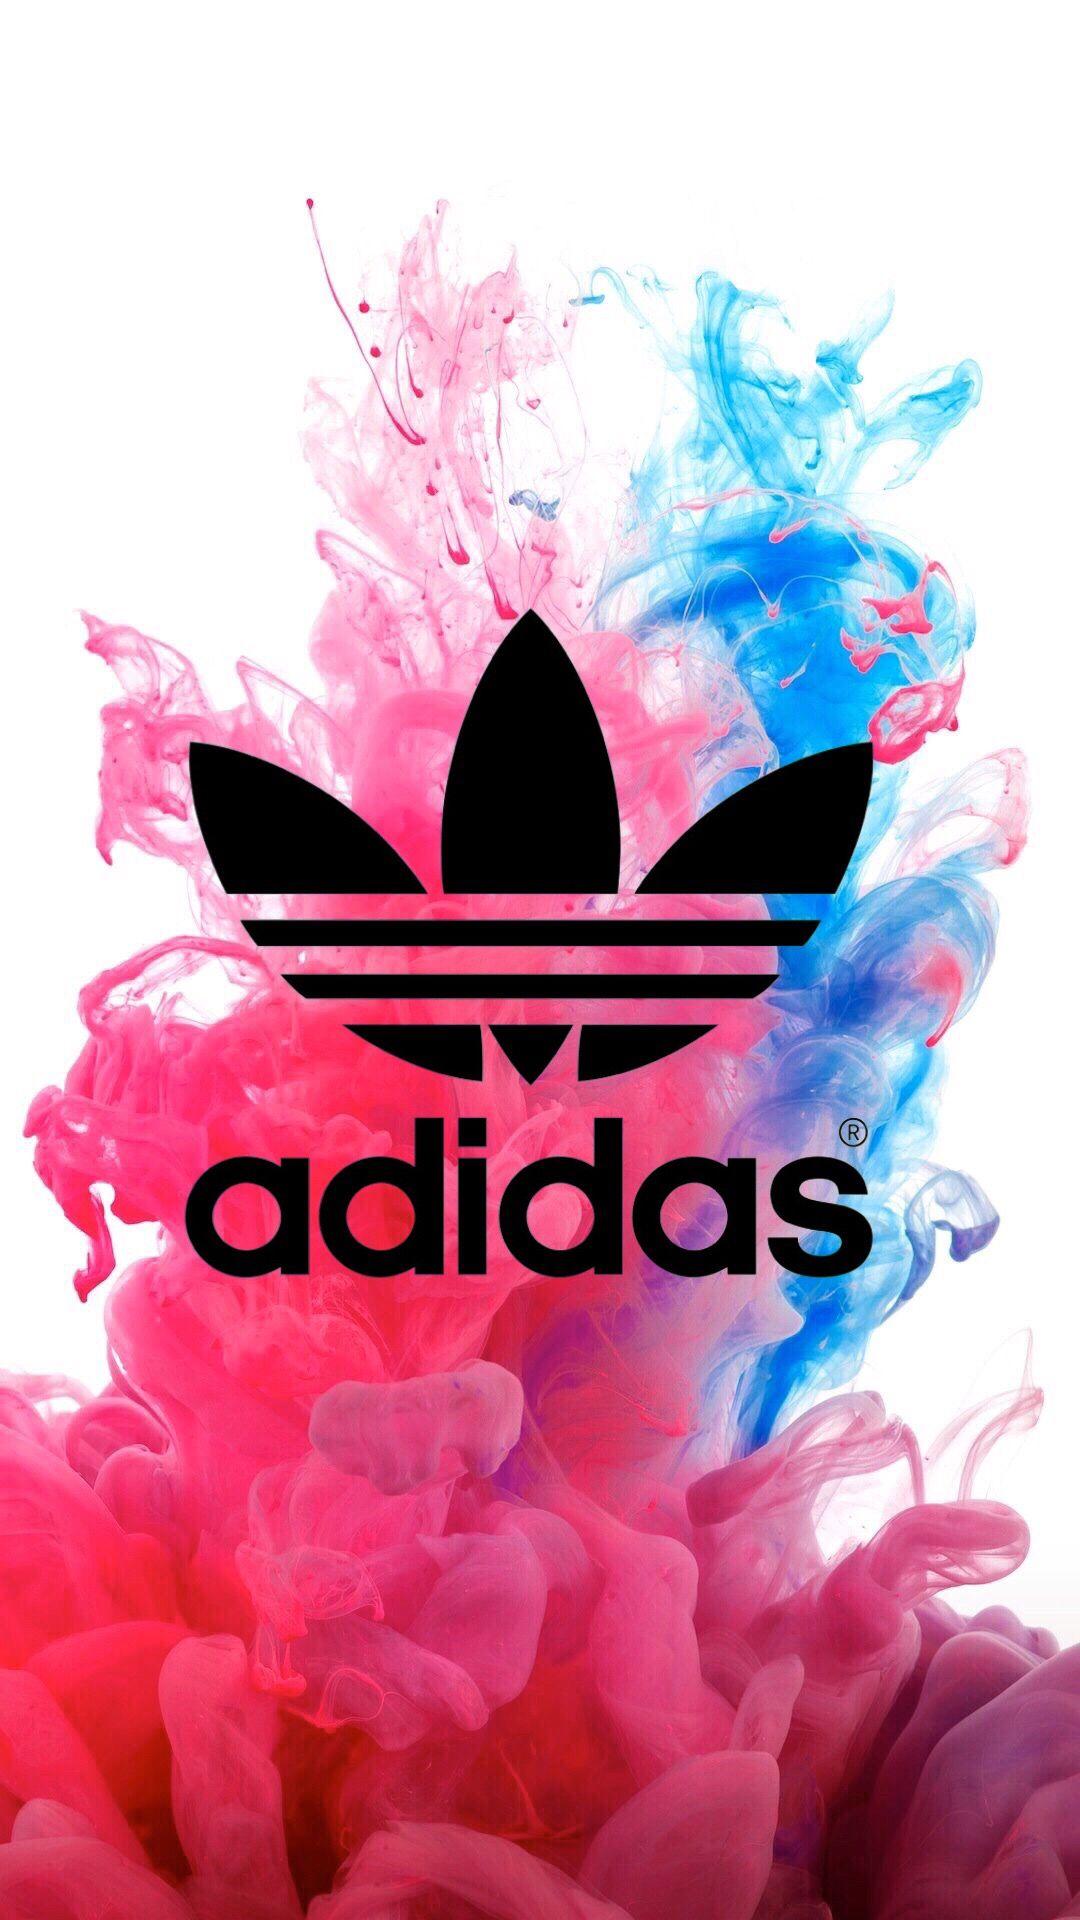 Adidas Sfondi Colorful Rosa Blu Sfondi Iphone Sfondi Twitter Sfondi Android